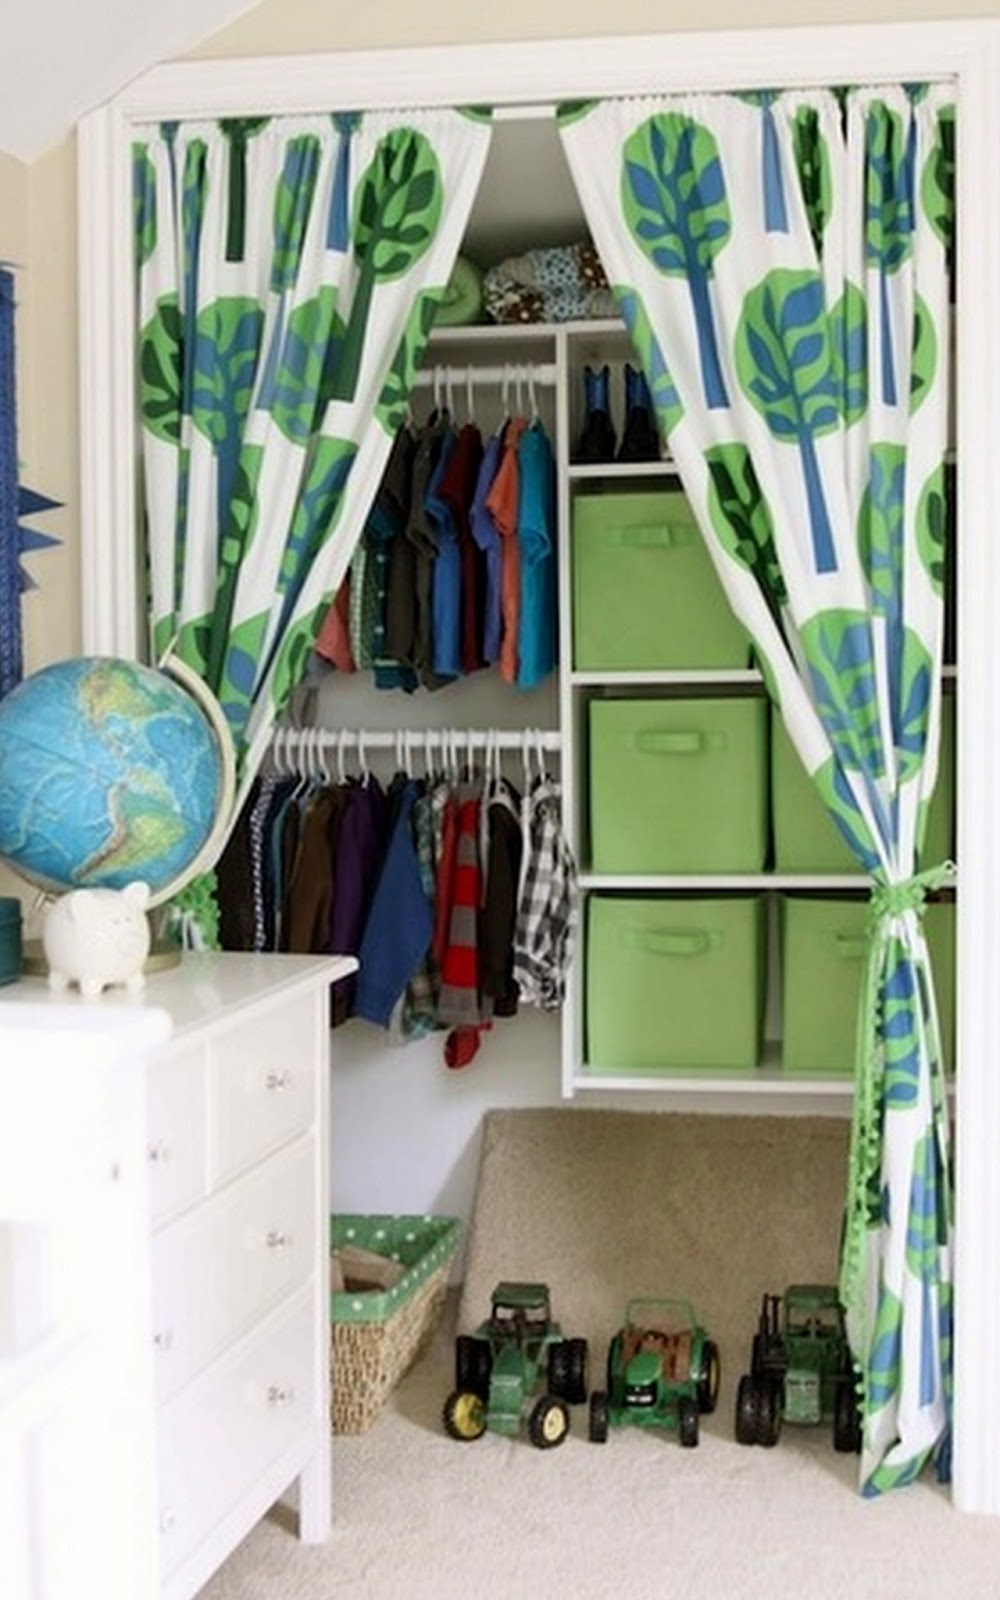 Toques e retoques cortina na porta do arm rio de quarto - Cortinas para armarios ...